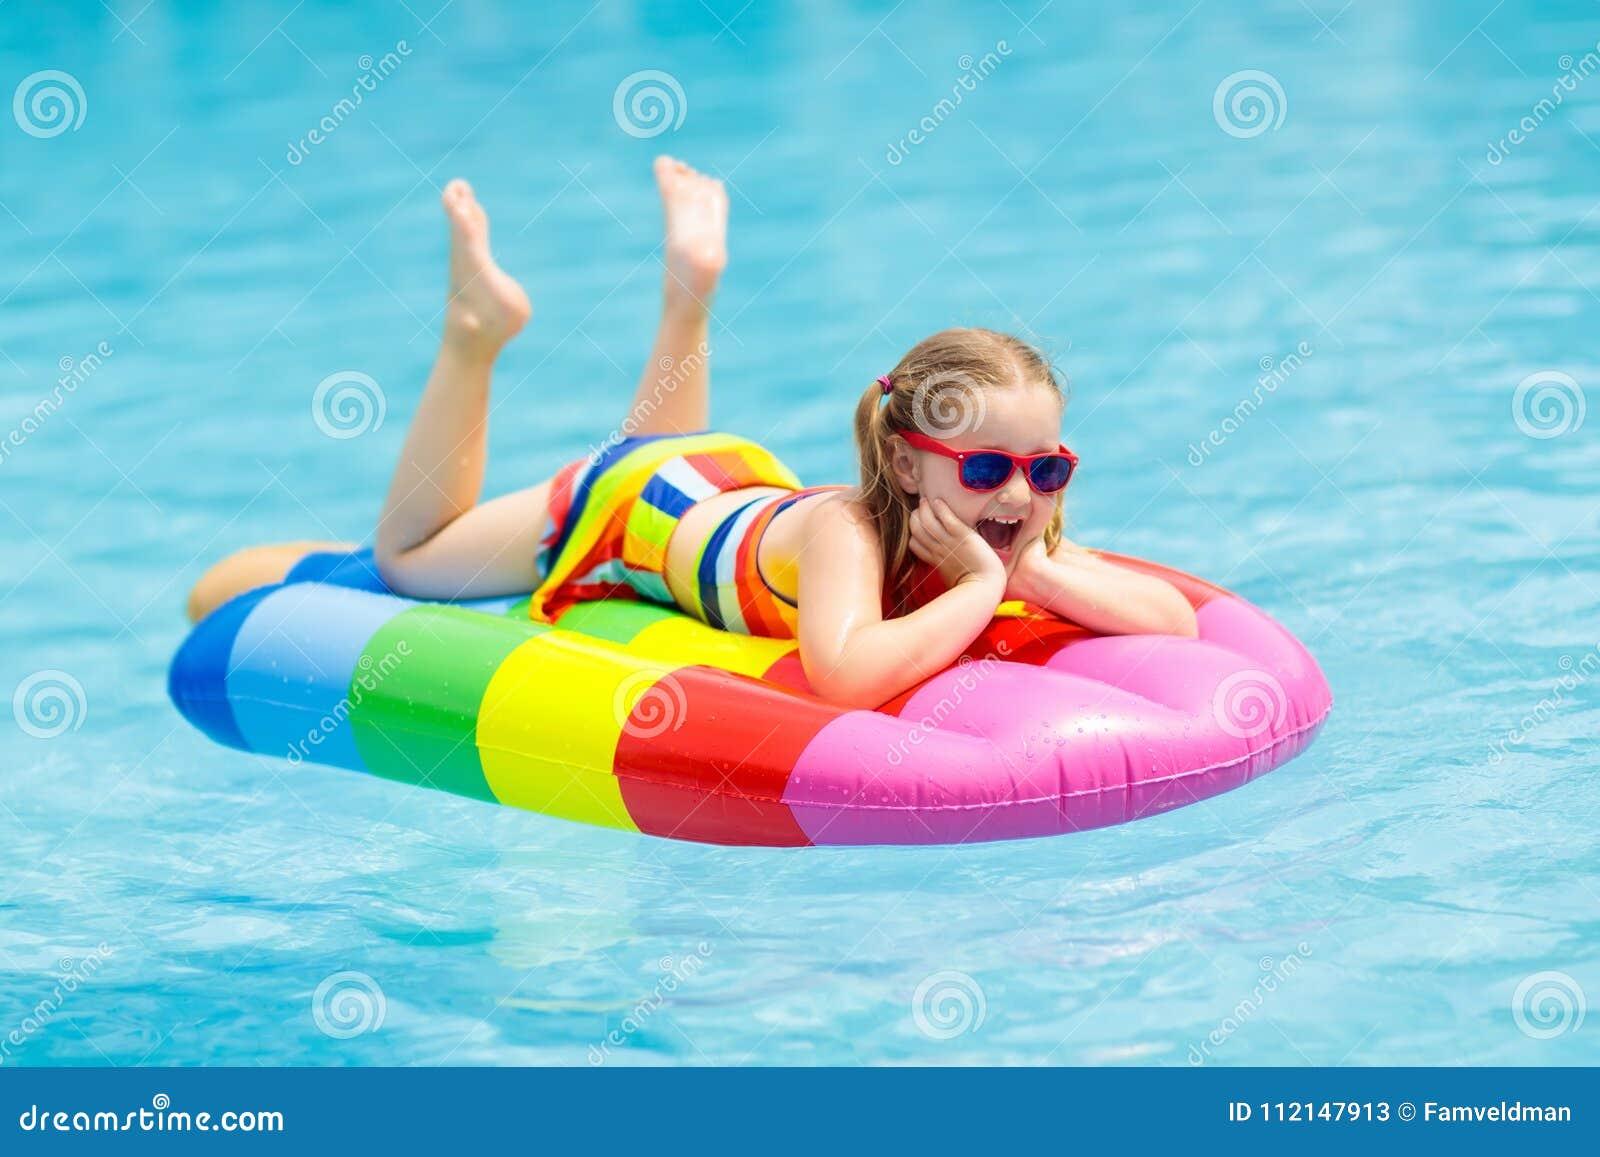 Criança no flutuador inflável na piscina